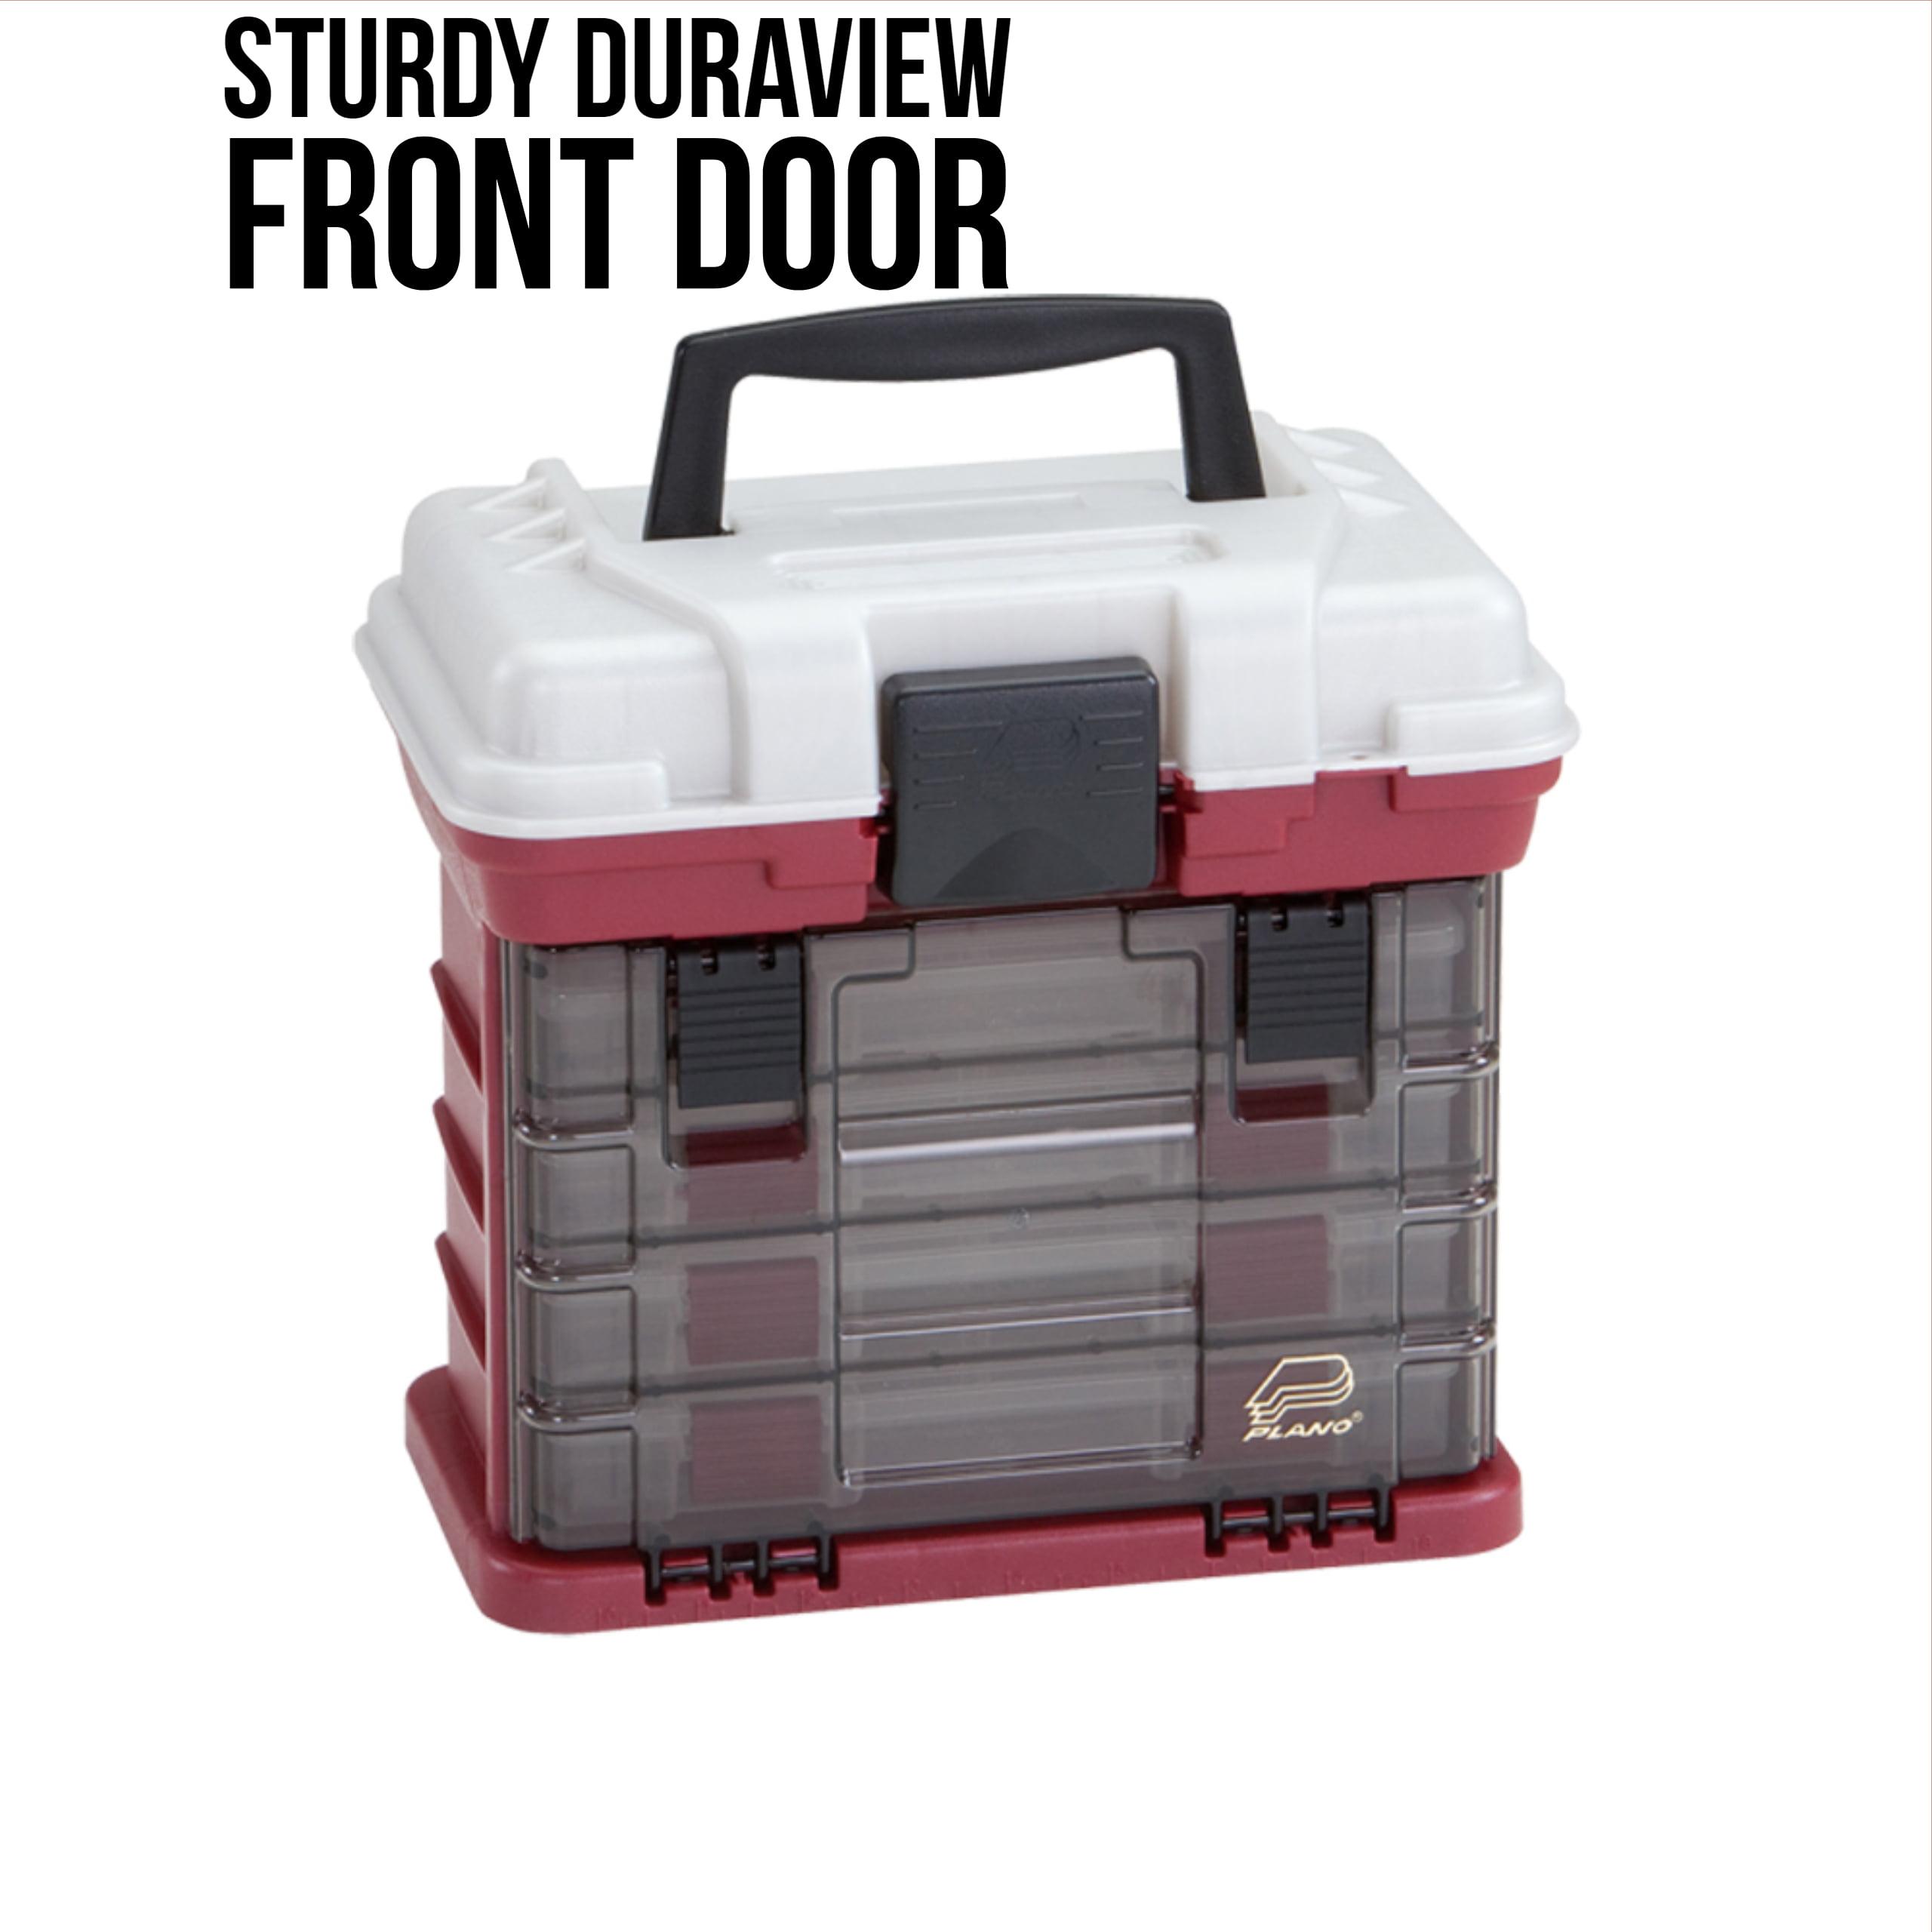 Small Customizable Tackle Box Plano ProLatch 3500 Utility StowAway Box